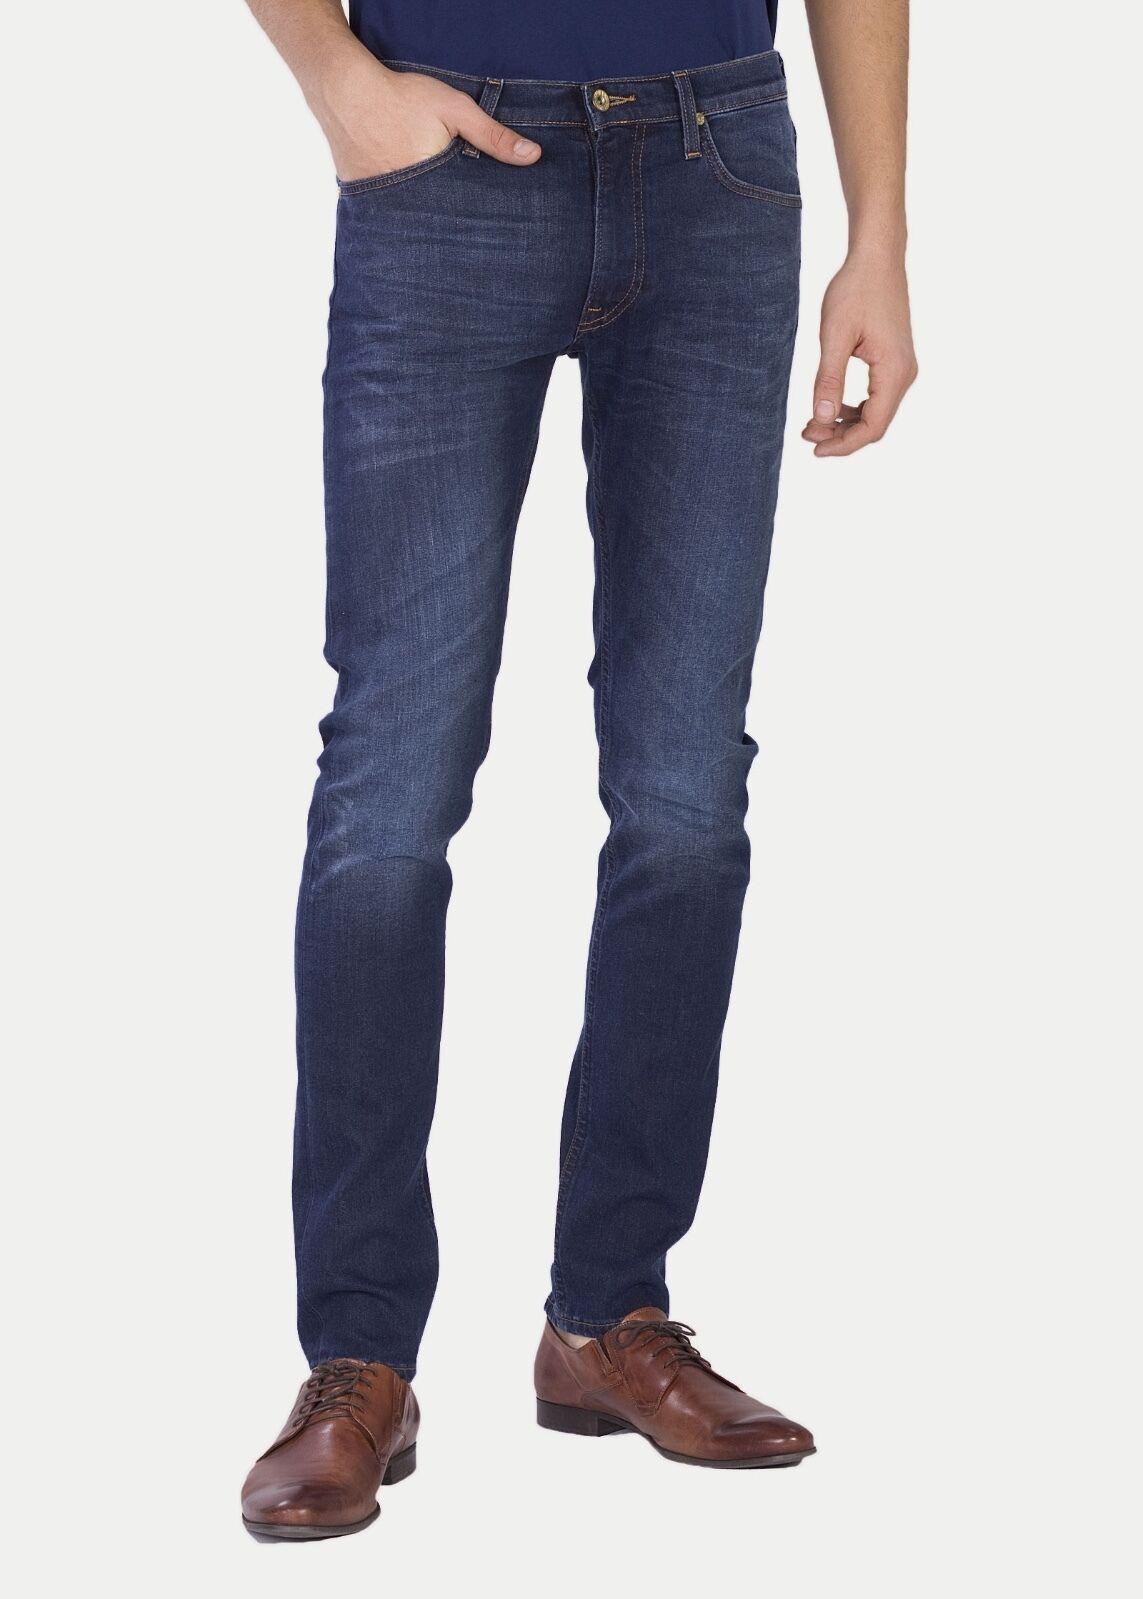 Lee® LUKE Slim Taperot Stretch Jeans True Authentic - 30 30  SRP    Neue Sorten werden eingeführt    Online-verkauf    Düsseldorf Eröffnung